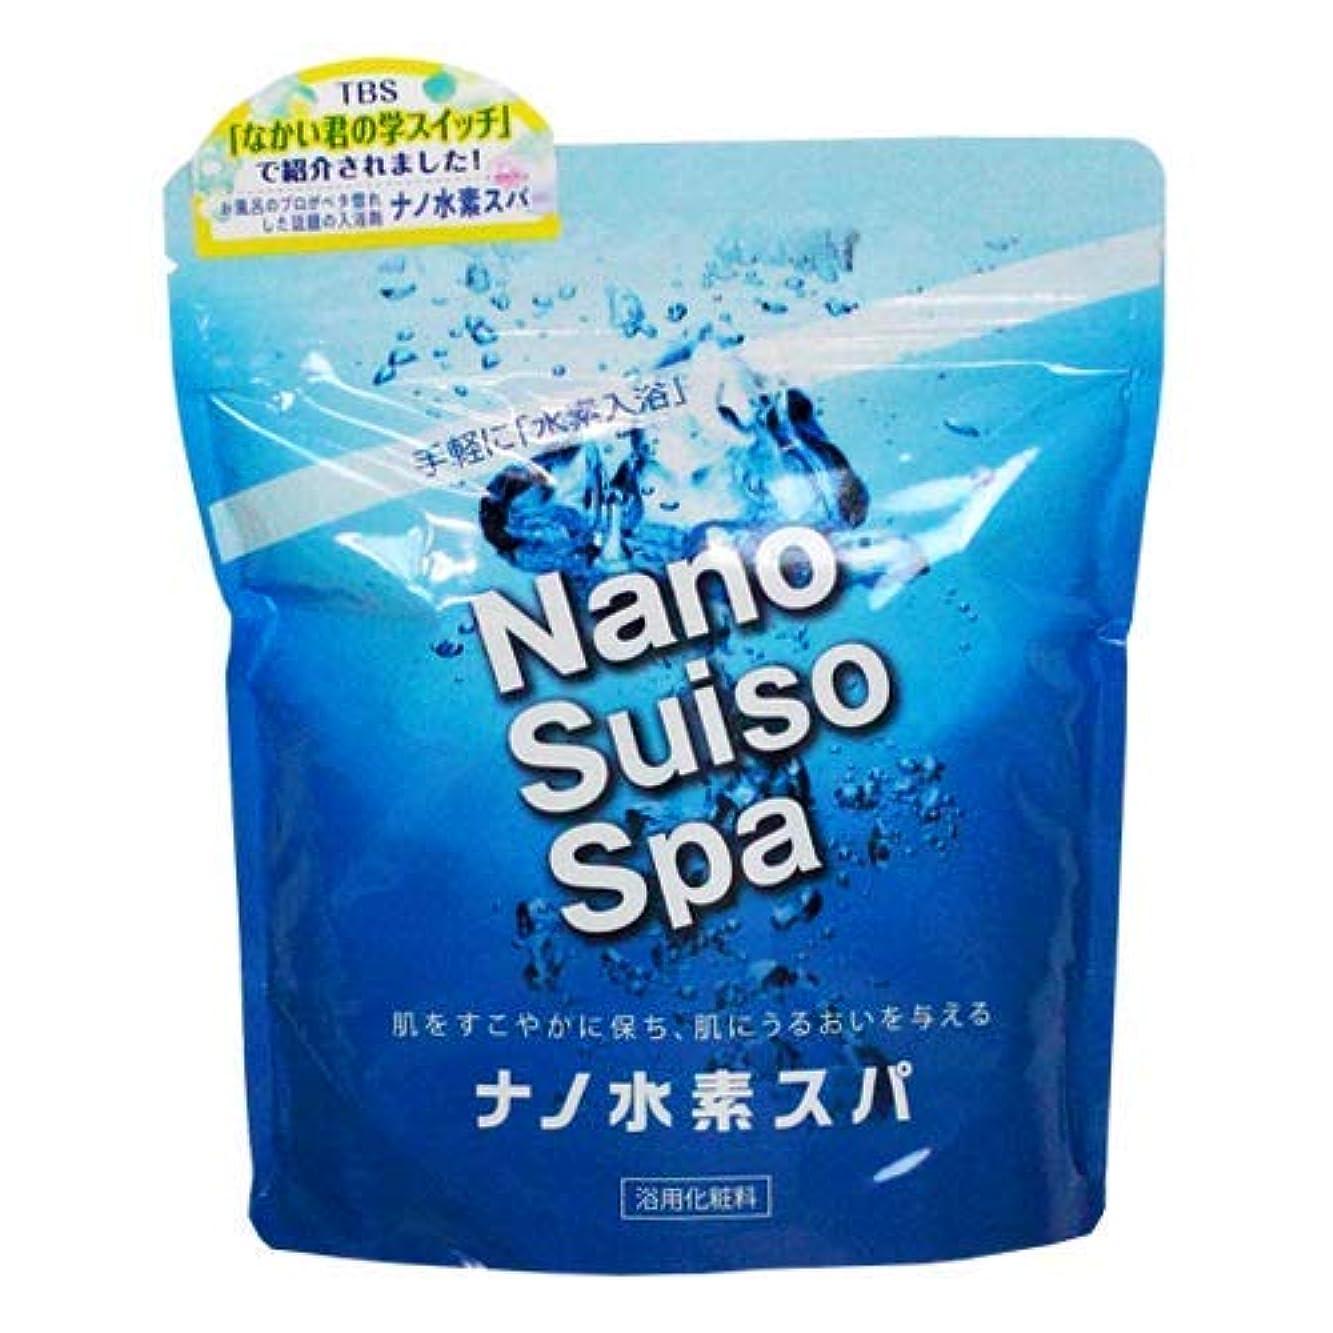 ナノ水素スパ1000g 高濃度水素発生入浴用